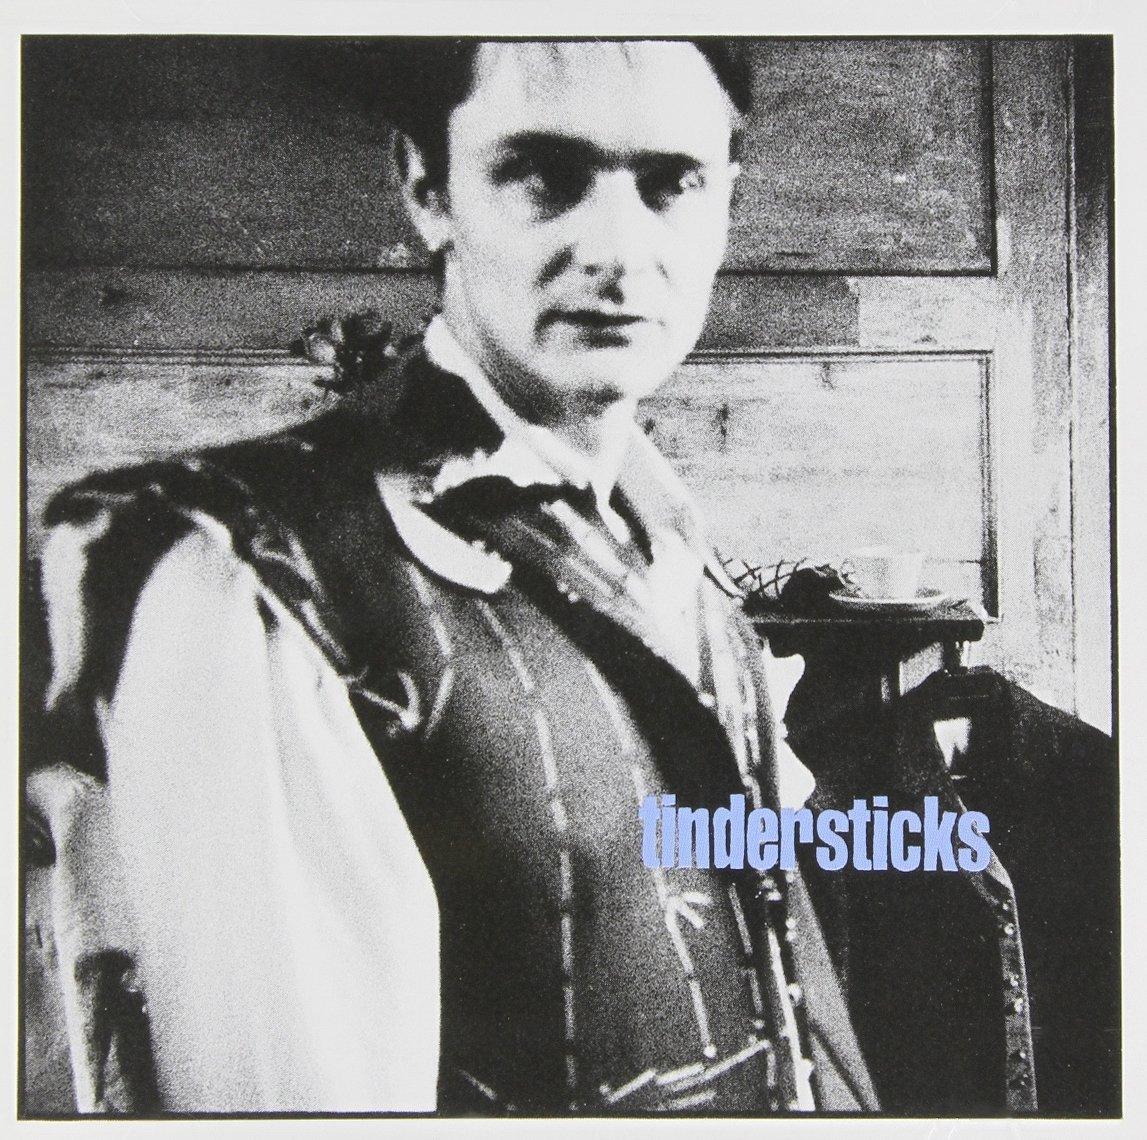 Tindersticks – Tindersticks (2004) [FLAC]